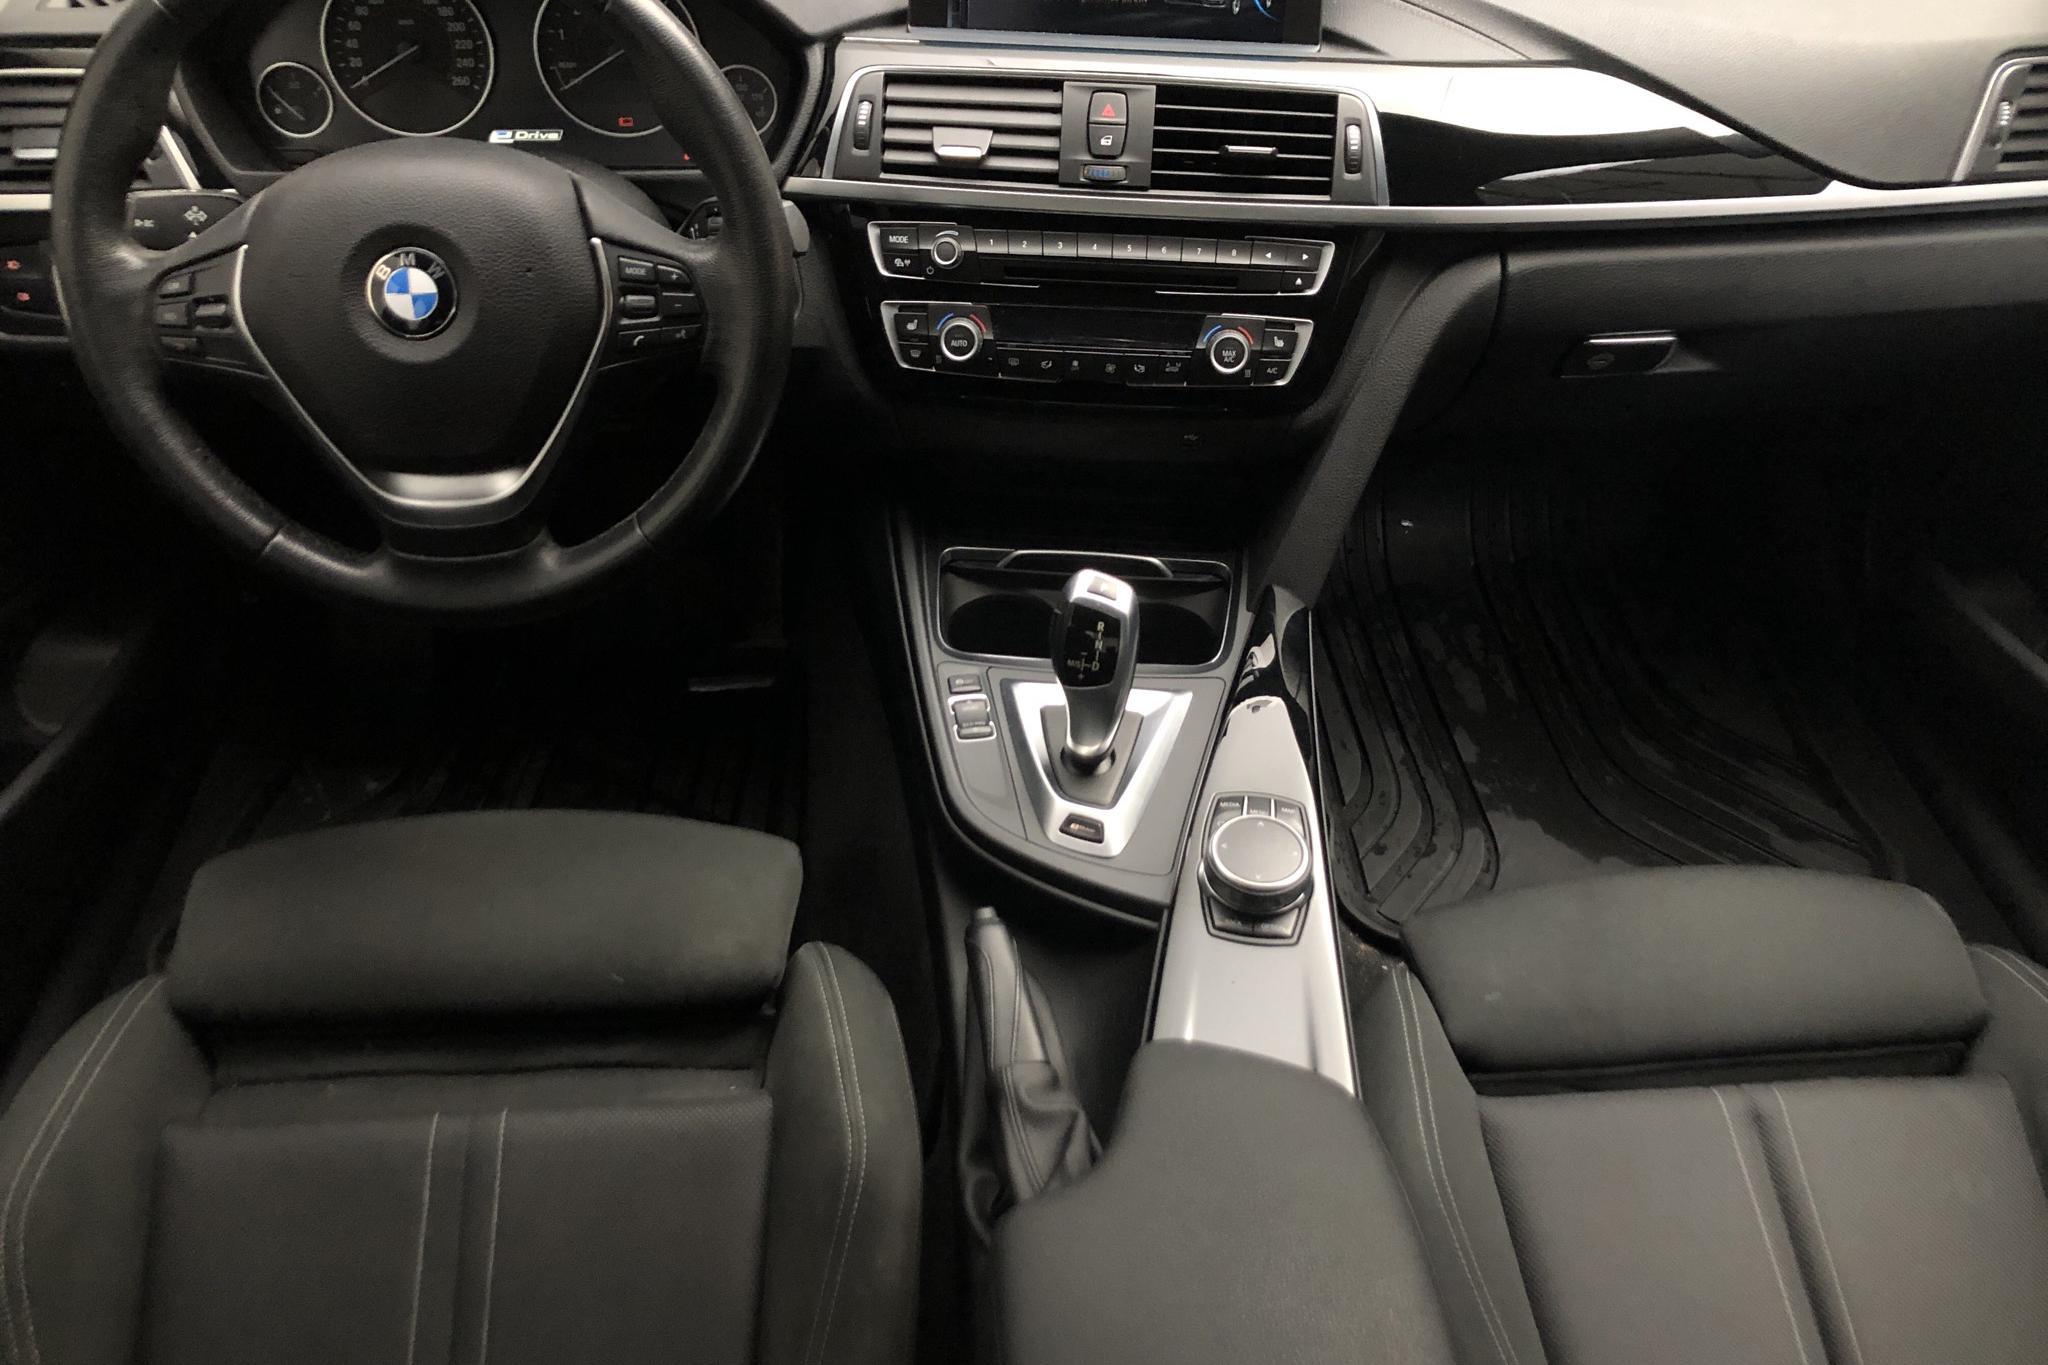 BMW 330e Sedan, F30 (252hk) - 6 868 mil - Automat - svart - 2018